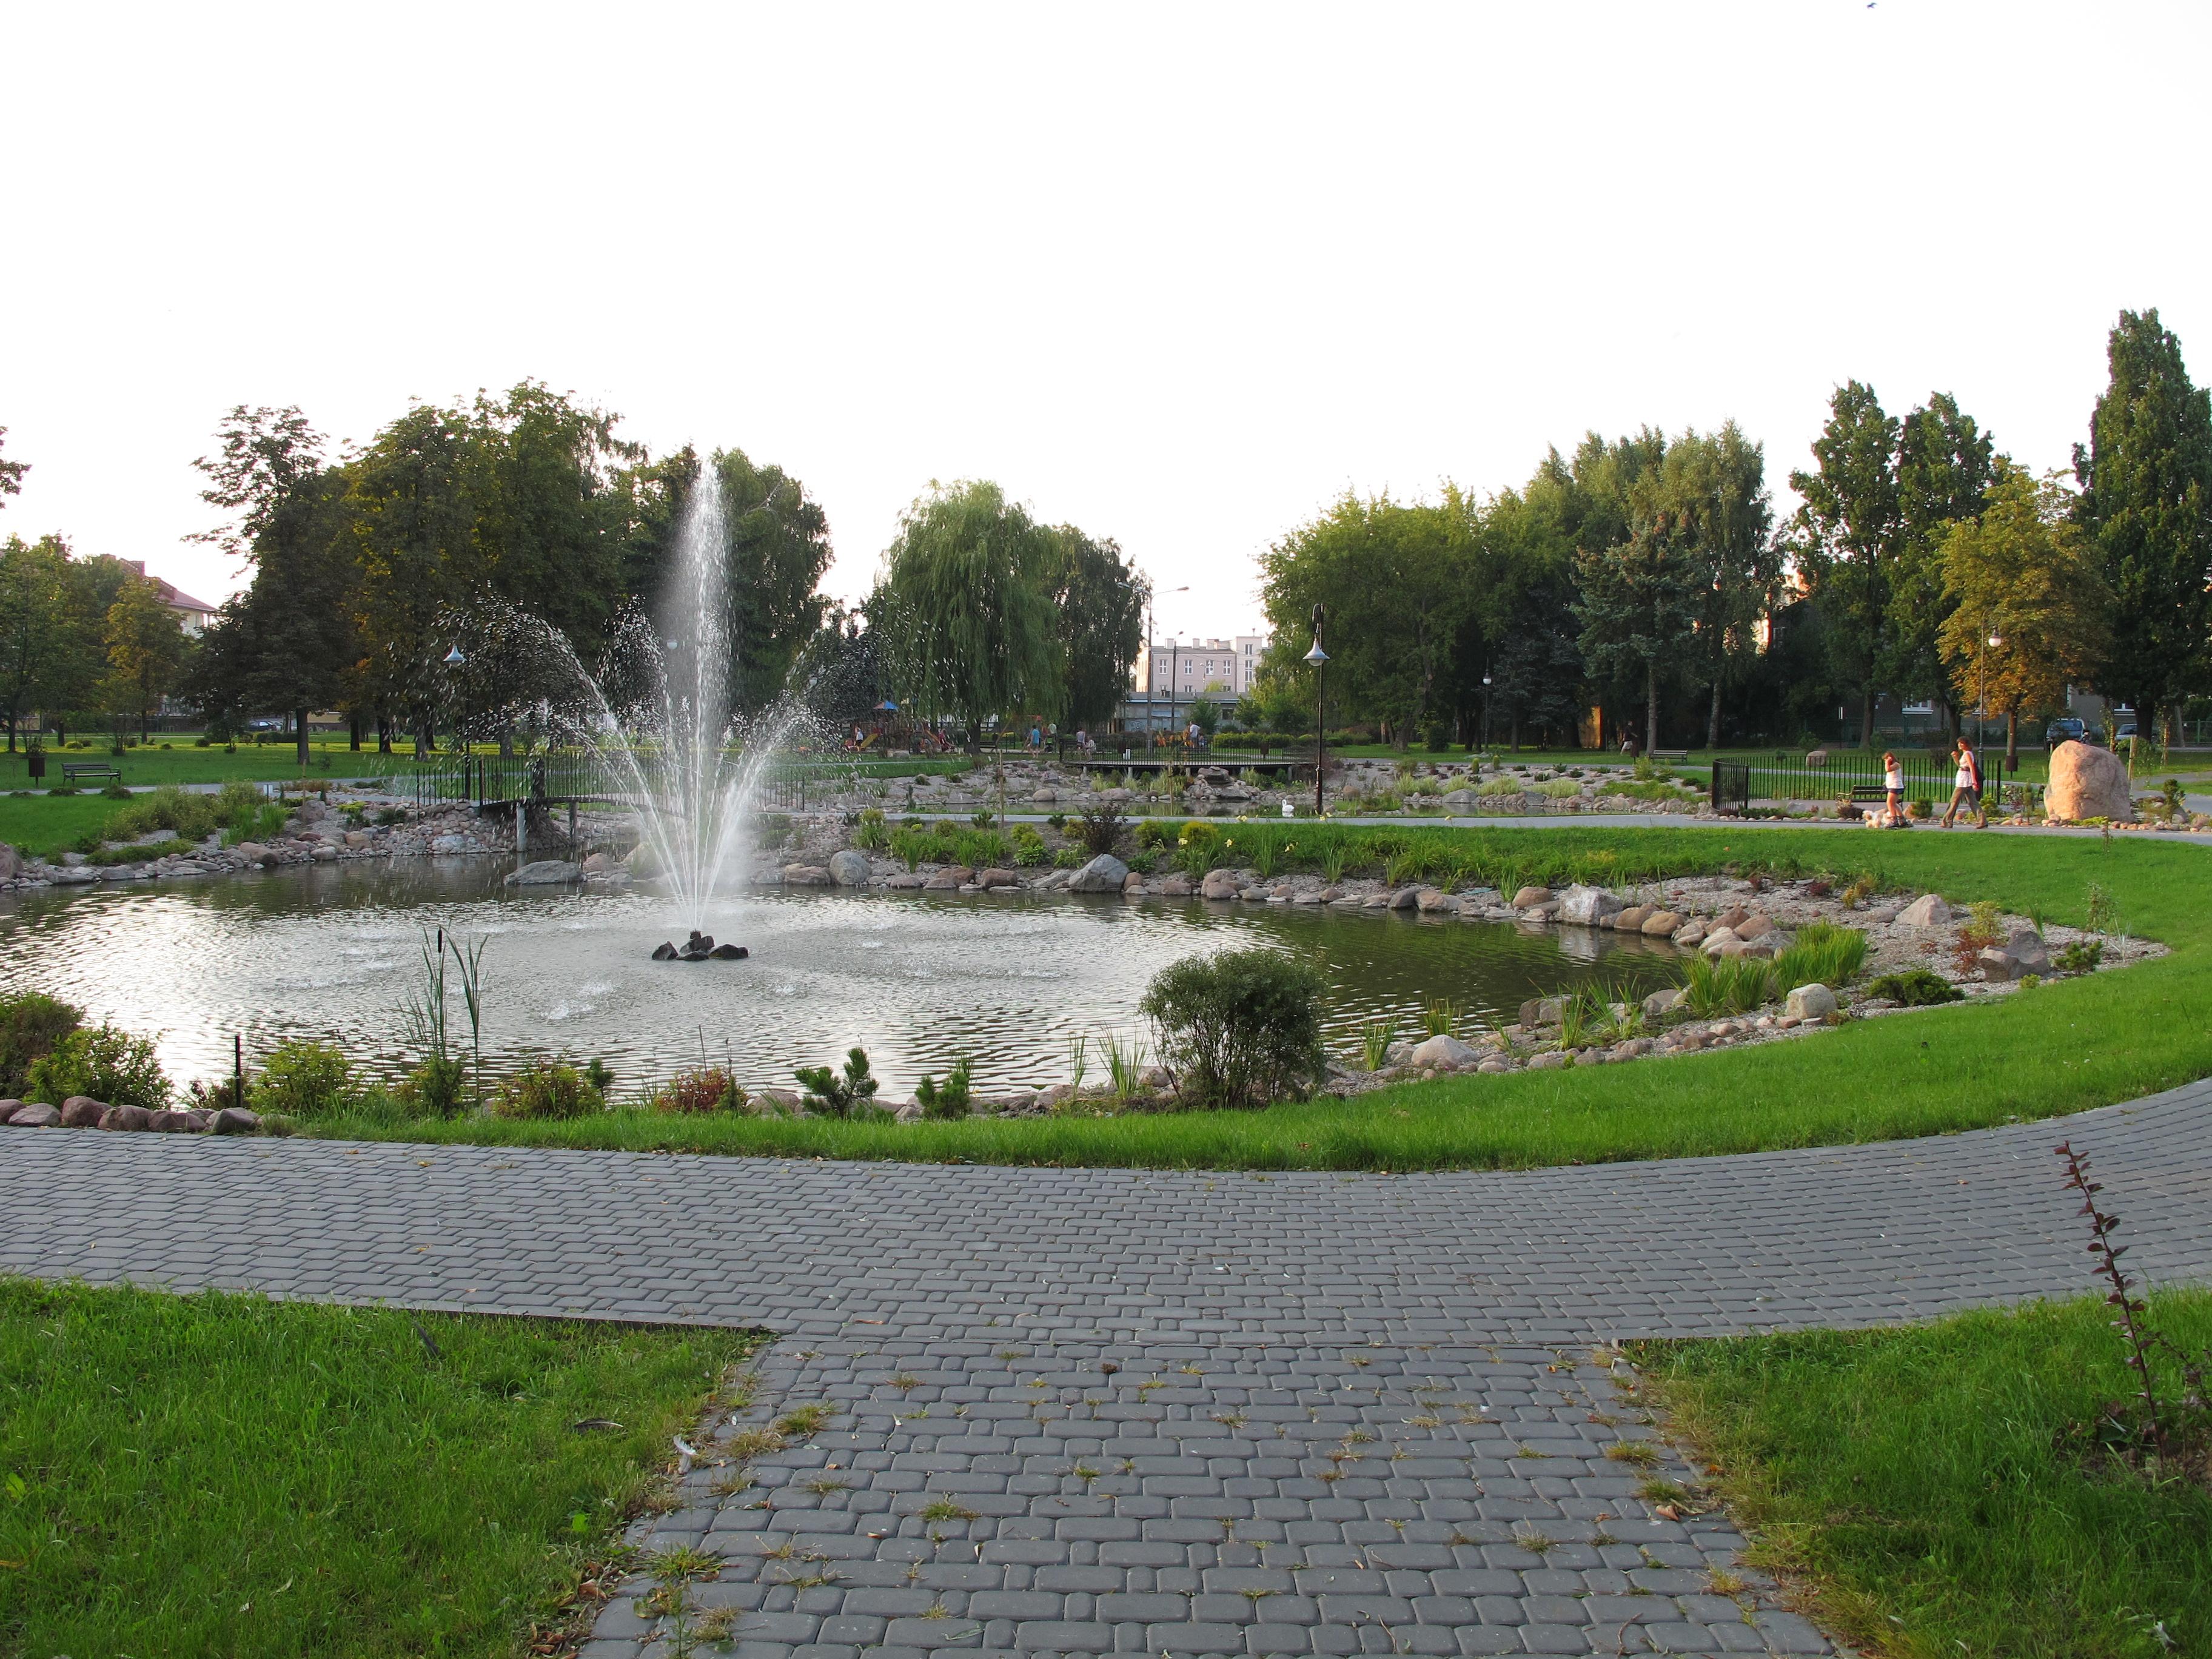 europe cities with Wysokie Mazowieckie on Lubraniec also Brzeziny further Wysokie mazowieckie further Azerbaijan 1400 likewise Ruska Federace Images.